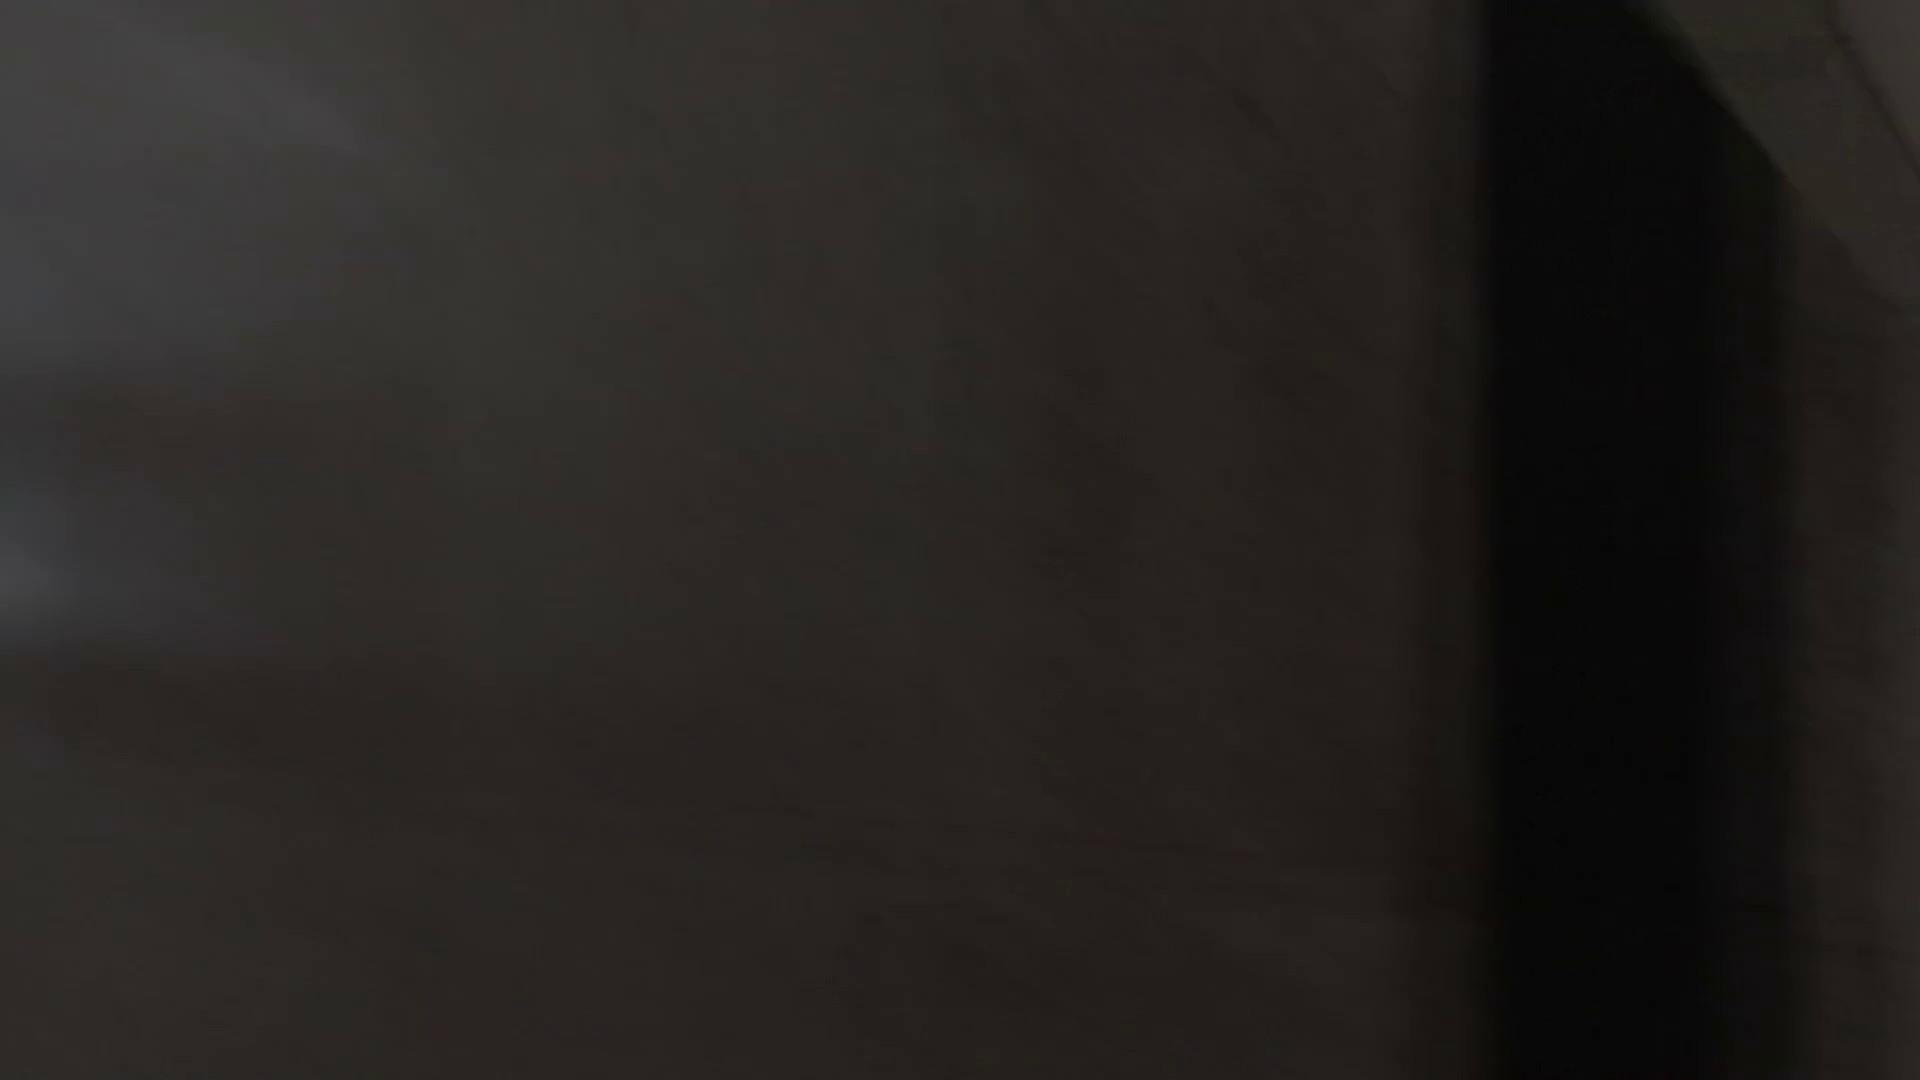 巨乳 乳首:芸術大学ガチ潜入盗撮 JD盗撮 美女の洗面所の秘密 Vol.90:怪盗ジョーカー